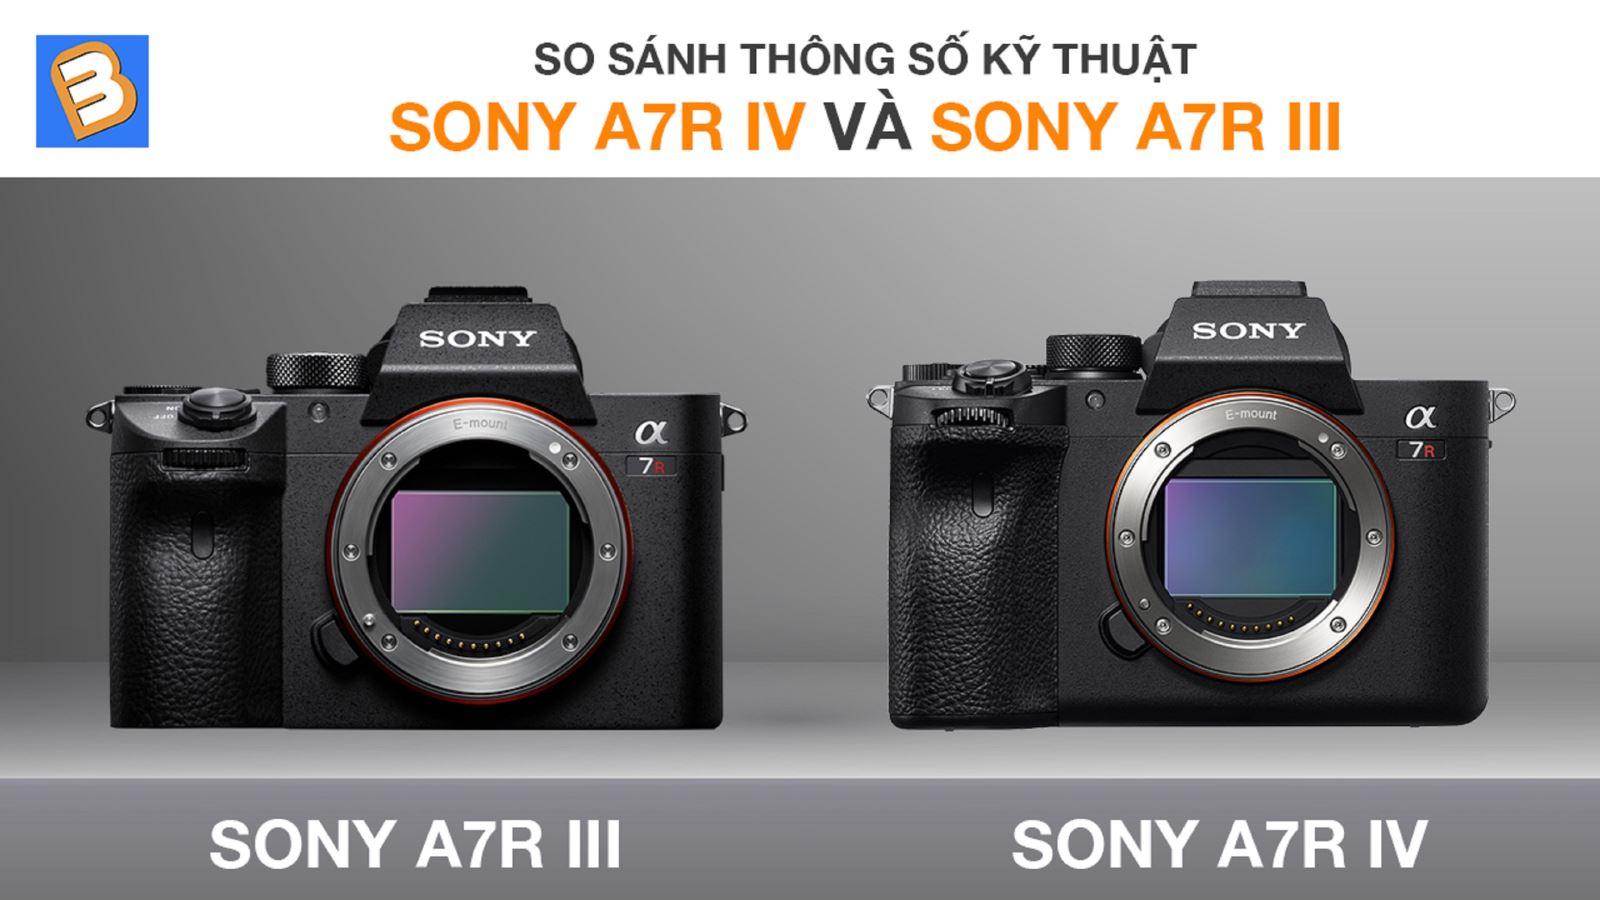 So sánh thông số kỹ thuậtSony A7R IV và Sony A7R III